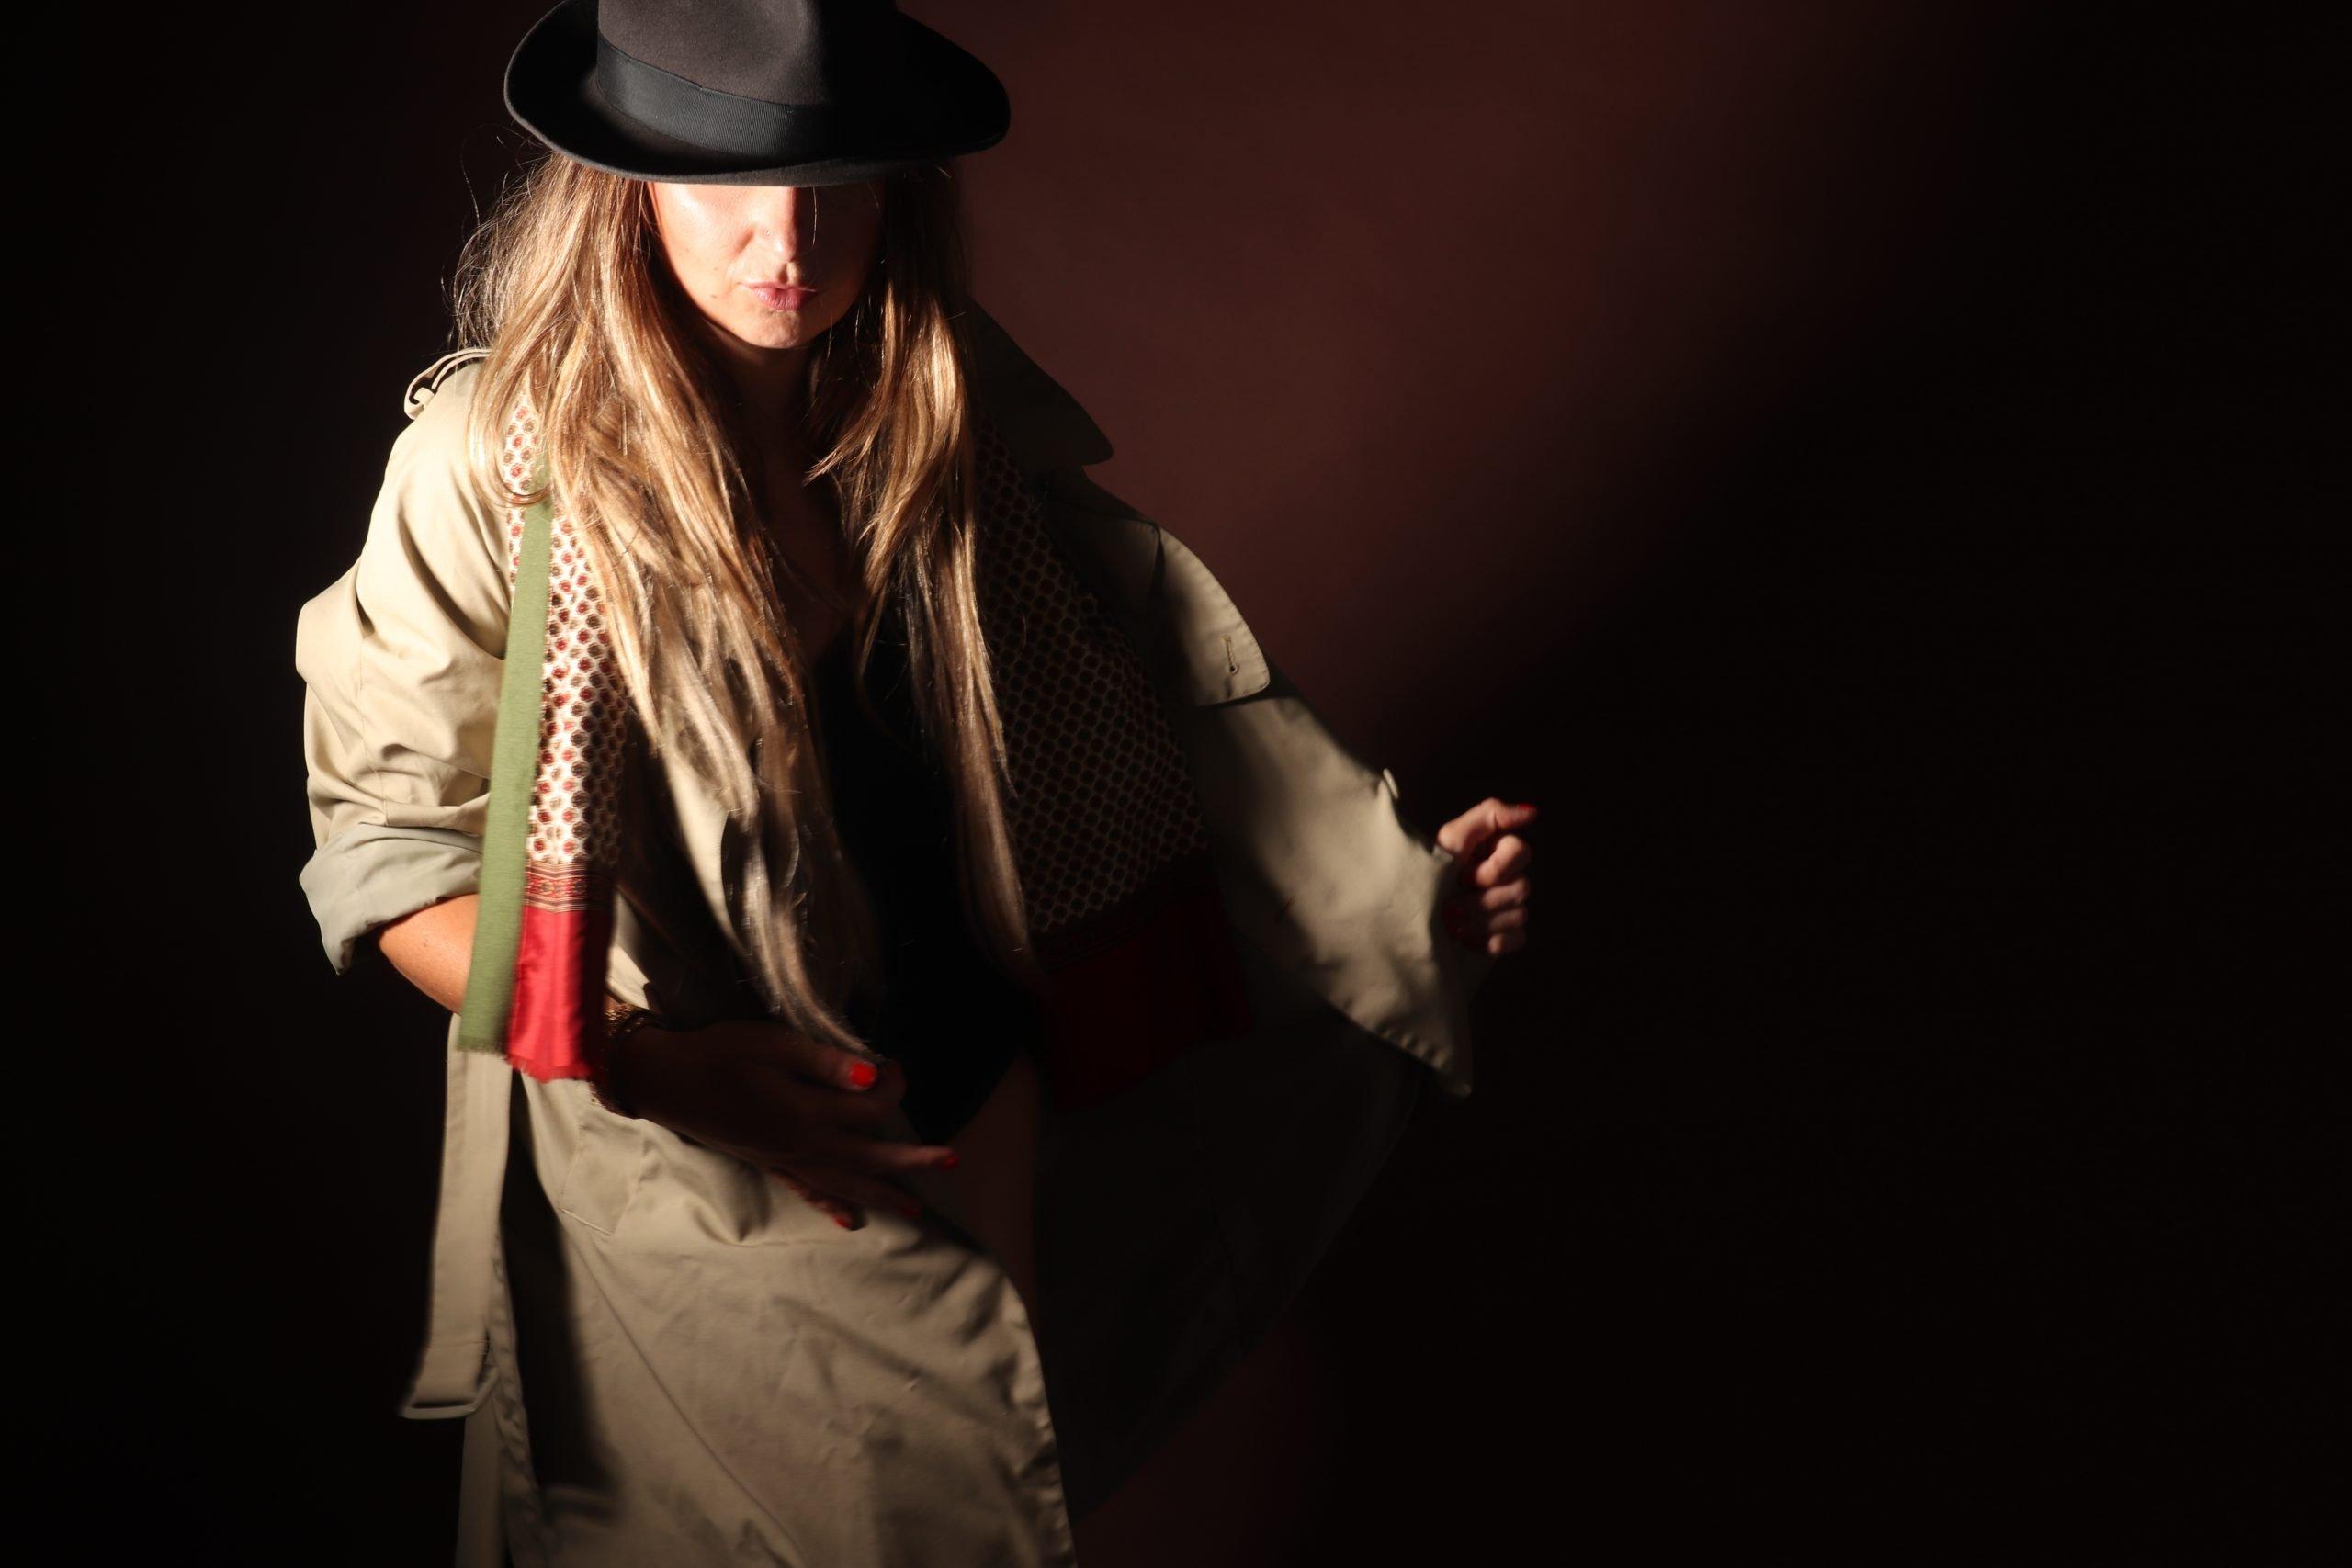 trenchcoat vintage hat hoed cravat